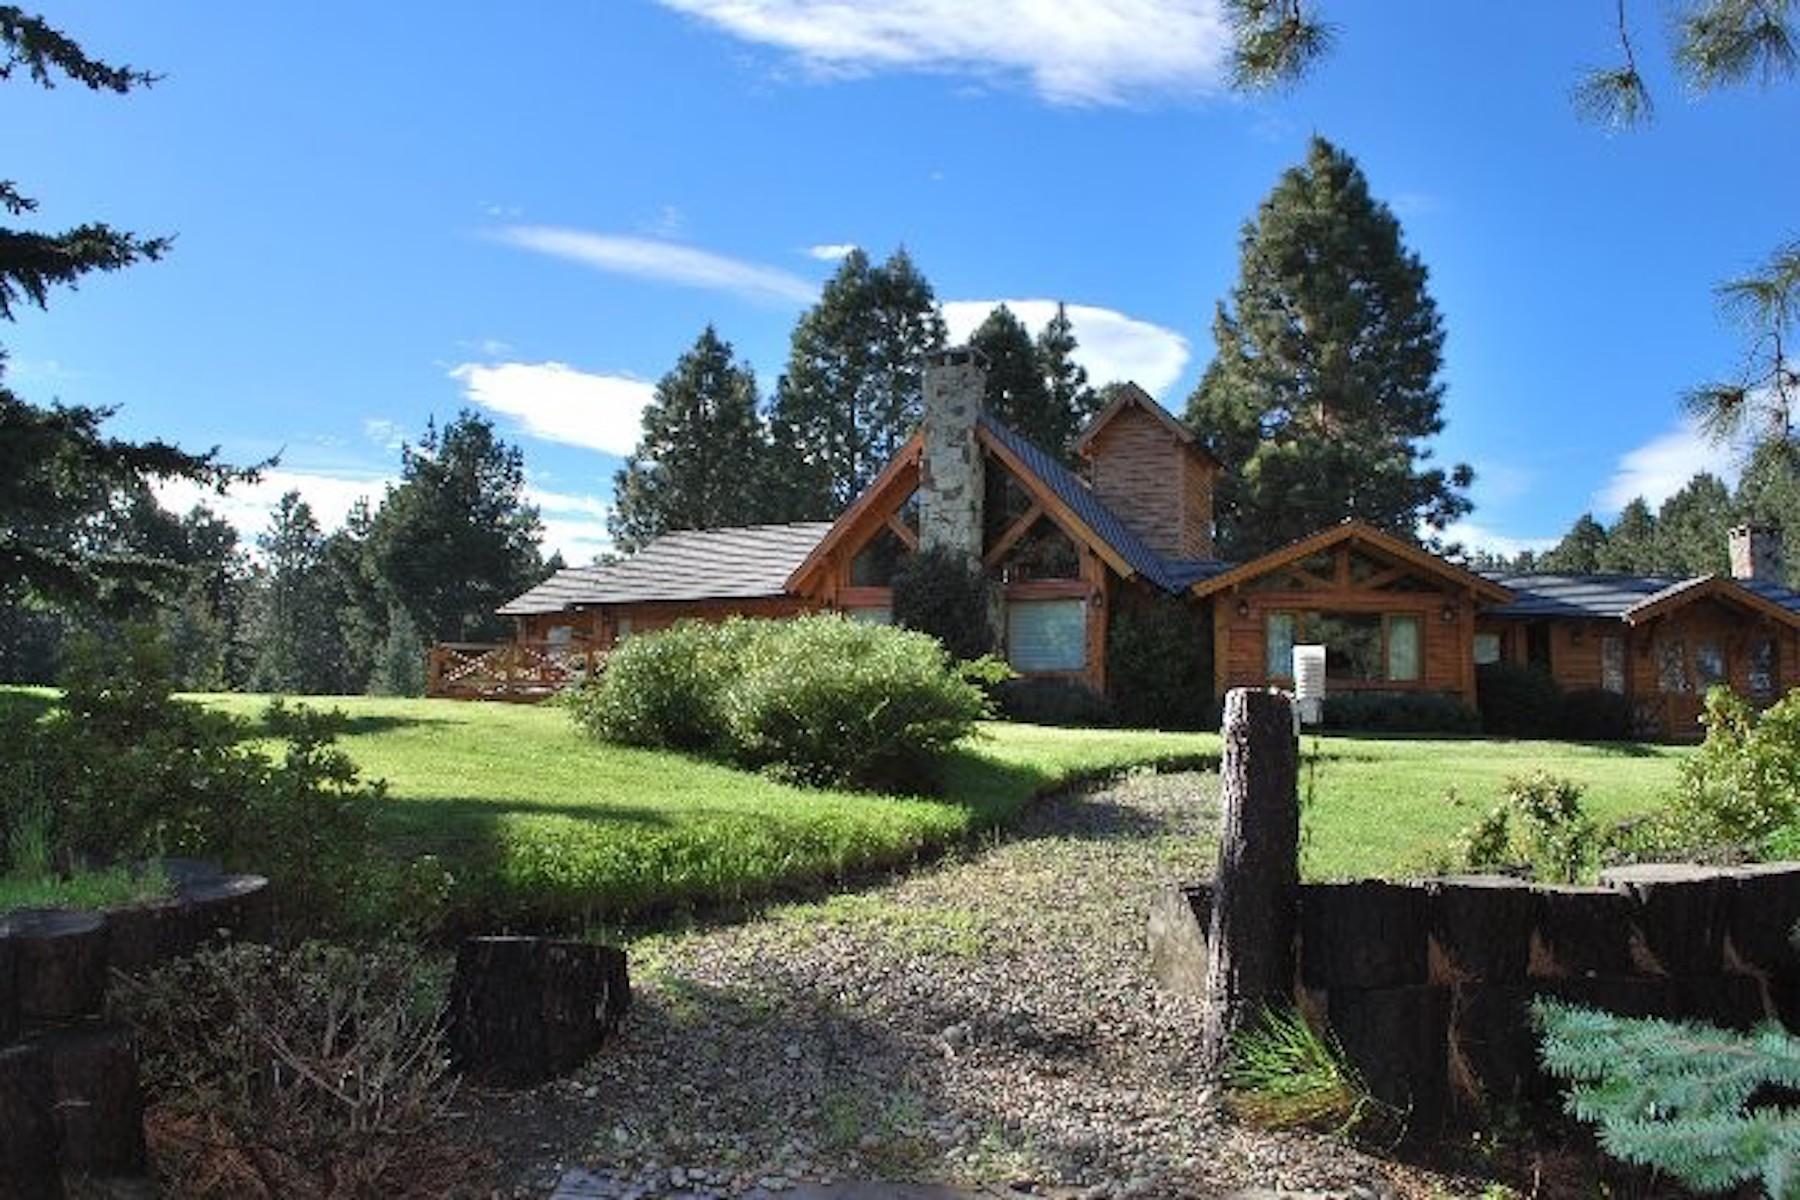 Maison unifamiliale pour l Vente à Casa Dina Huapi (Bariloche) Bariloche, Rio Negro, Argentine